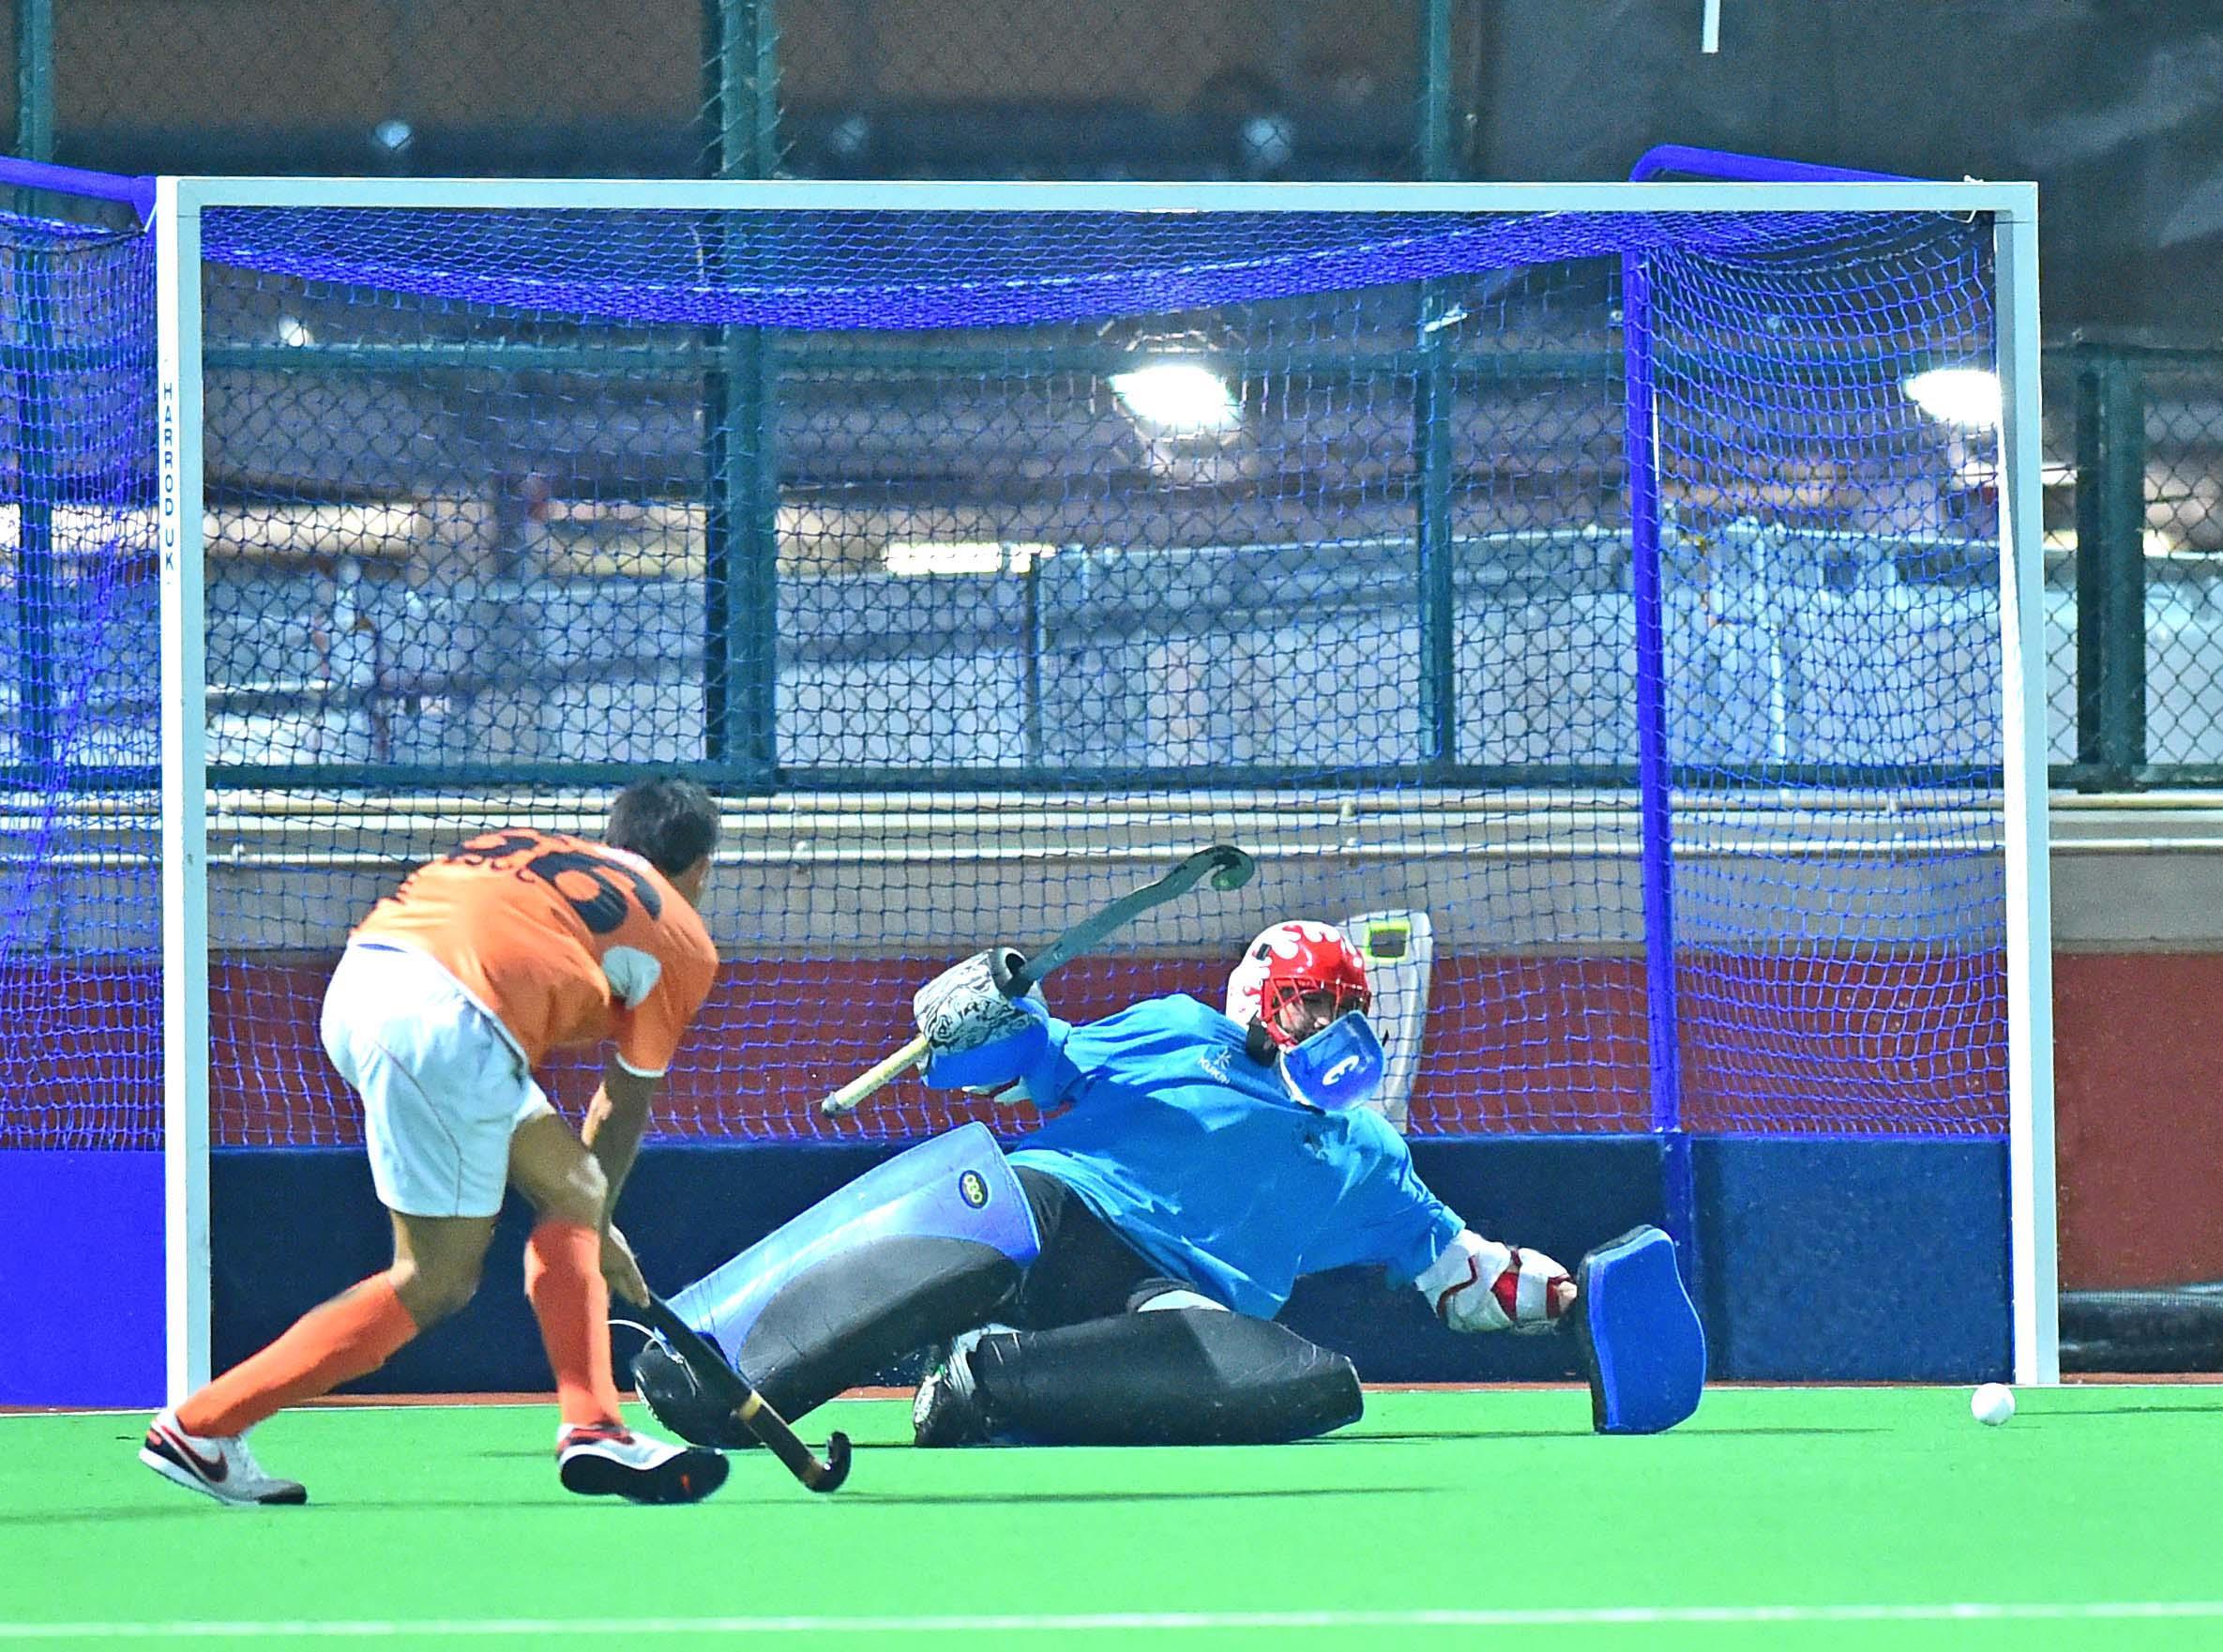 HockeyTornetz3,66x1,7x0,9x1,2 m